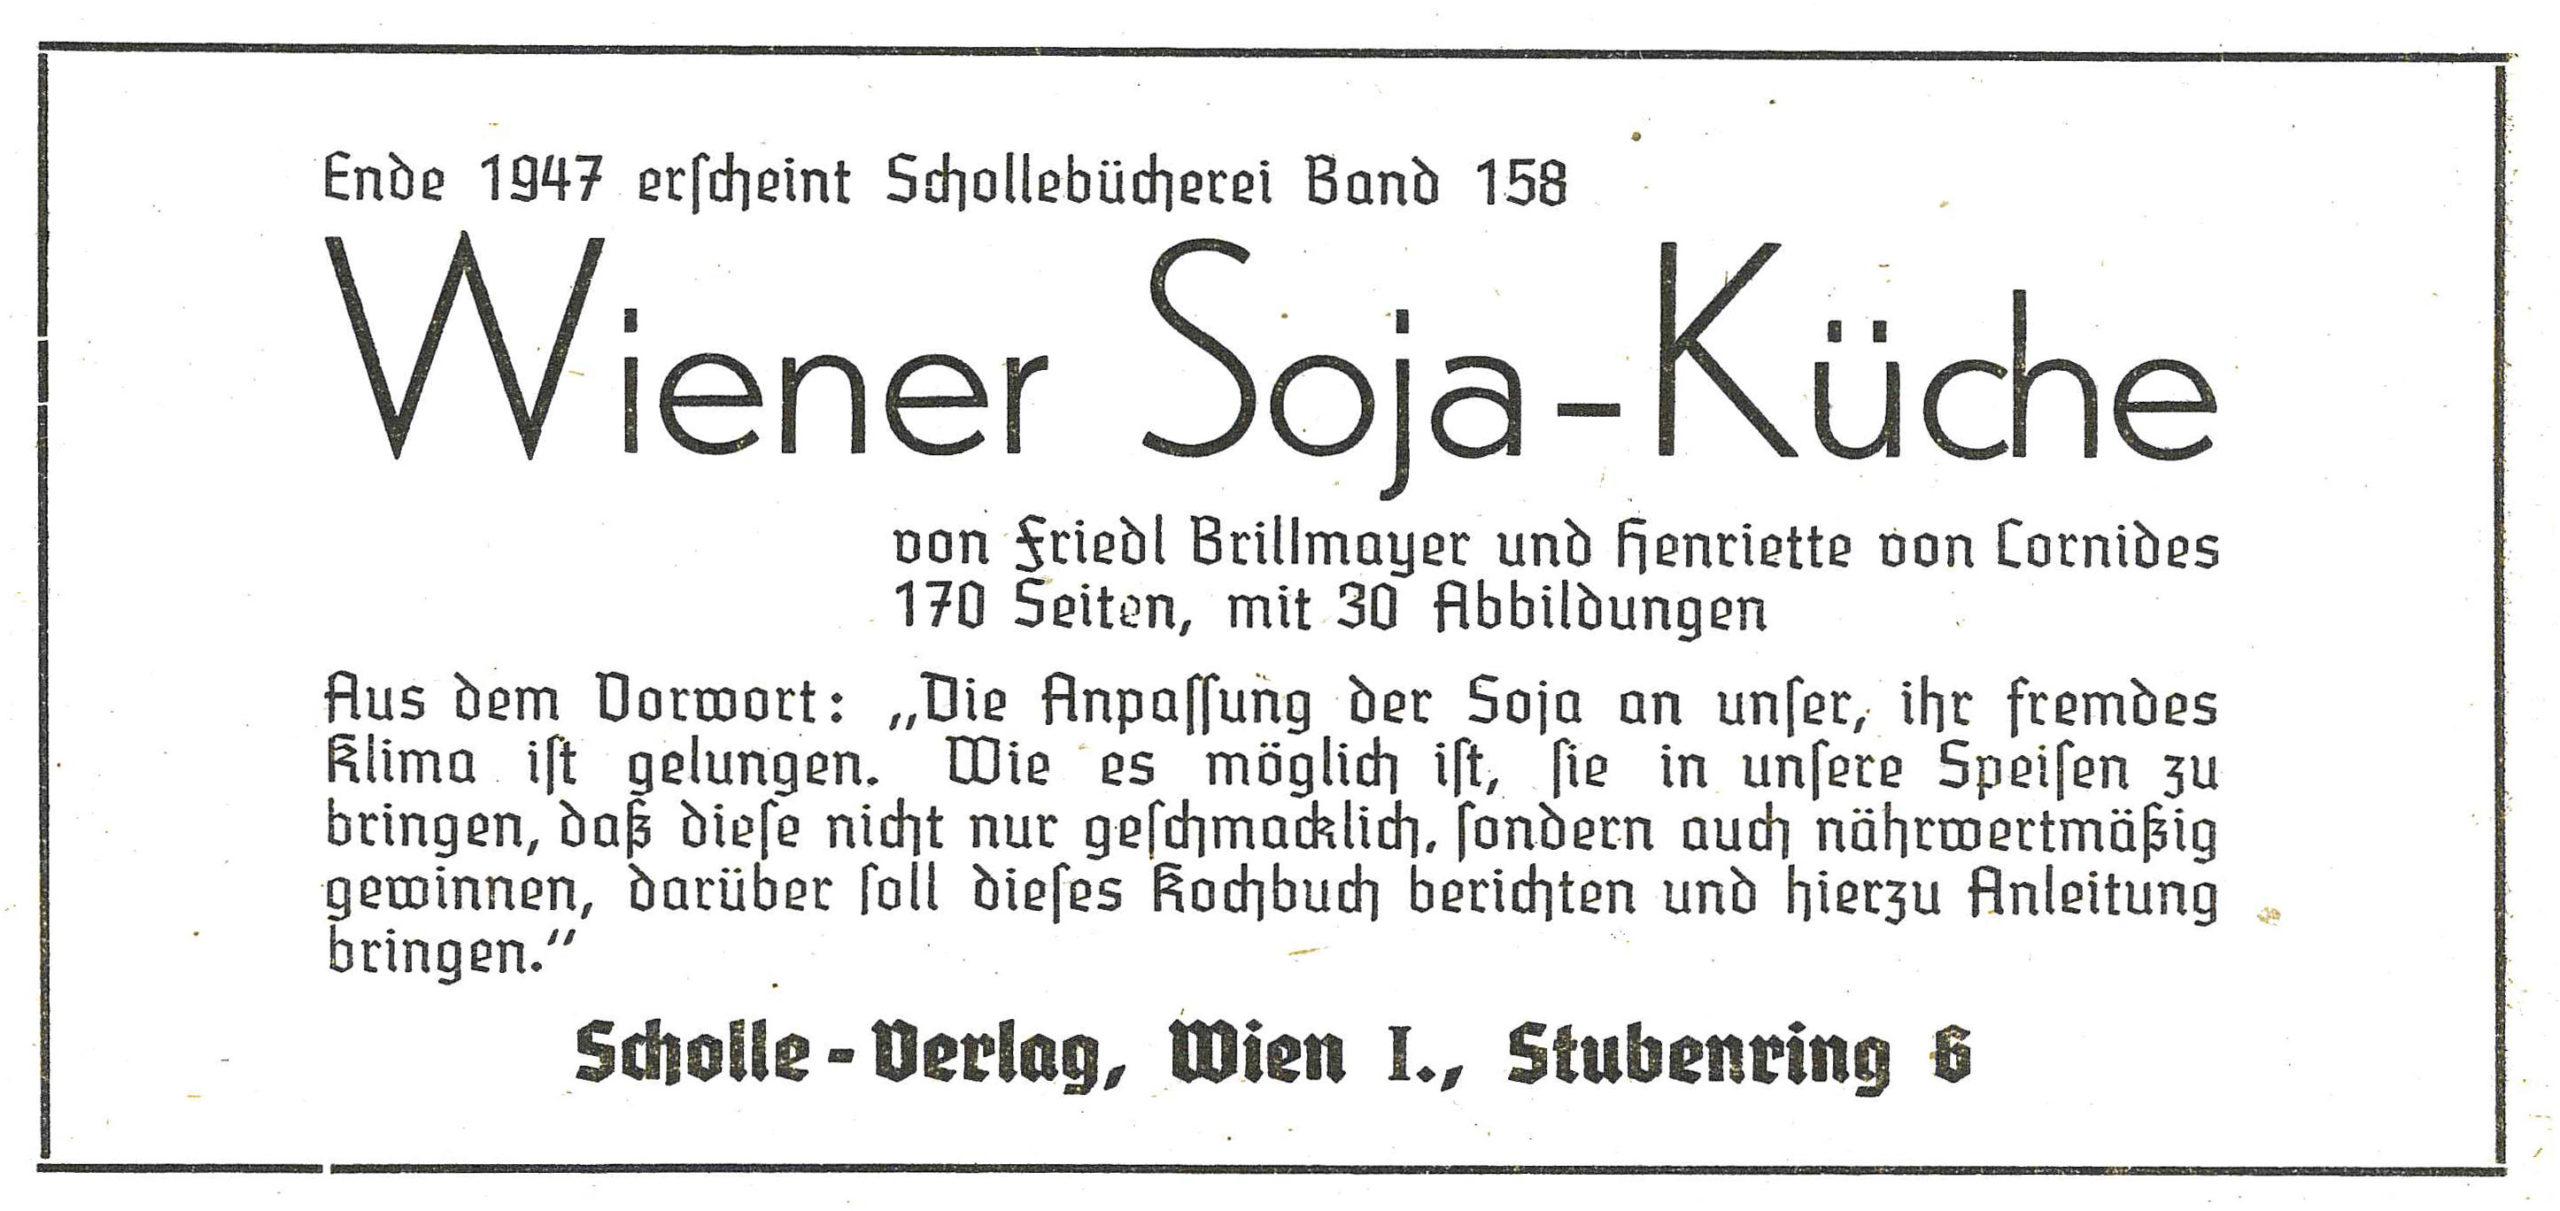 """Die Abbildung ist eine Werbeanzeige, der Text lautet: """"Ende 1947 erscheint Schollebücherei Band 158 Wiener Soja-Küche von Friedl Brillmayer und Henriette von Cornides. 170 Seiten, mit 30 Abbildungen. Aus dem Vorwort: """"Die Anpassung der Soja an unser, ihr fremdes Klima ist gelungen. Wie es möglich ist, sie in unsere Speisen zu bringen, daß diese nicht nur geschmacklich, sondern auch nährwertmäßig gewinnen, darüber soll dieses Kochbuch berichten und hierzu Anleitung bringen."""" Scholle-Verlag, Wien I., Stubenring 6"""""""